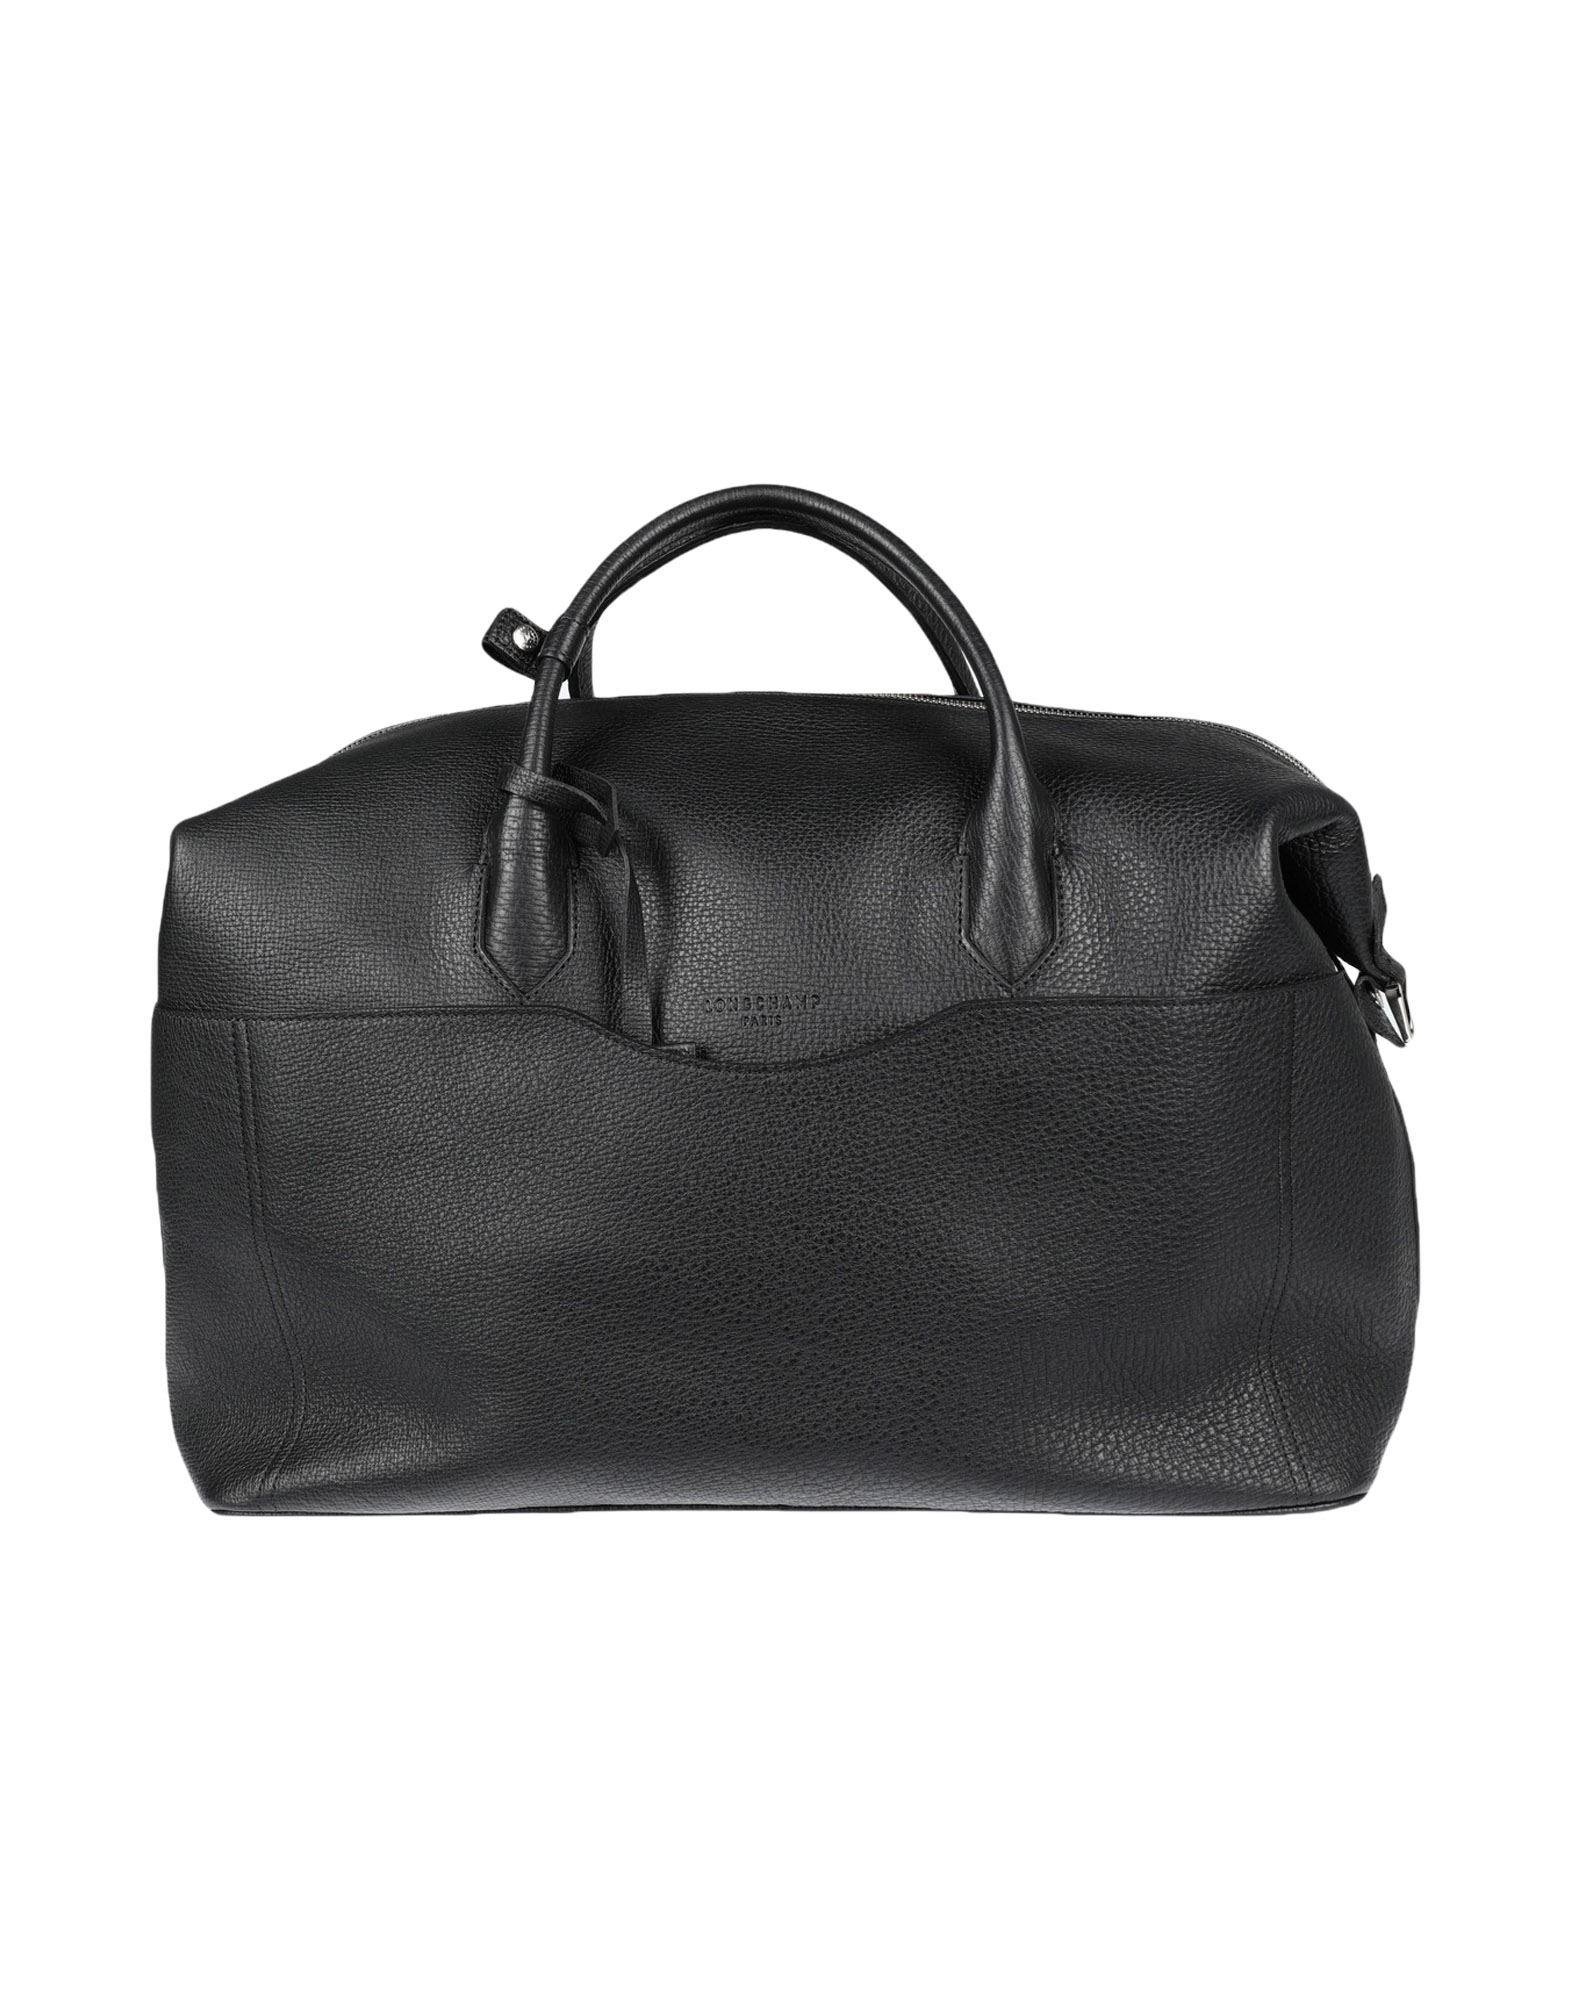 LONGCHAMP Travel duffel bags - Item 55020436